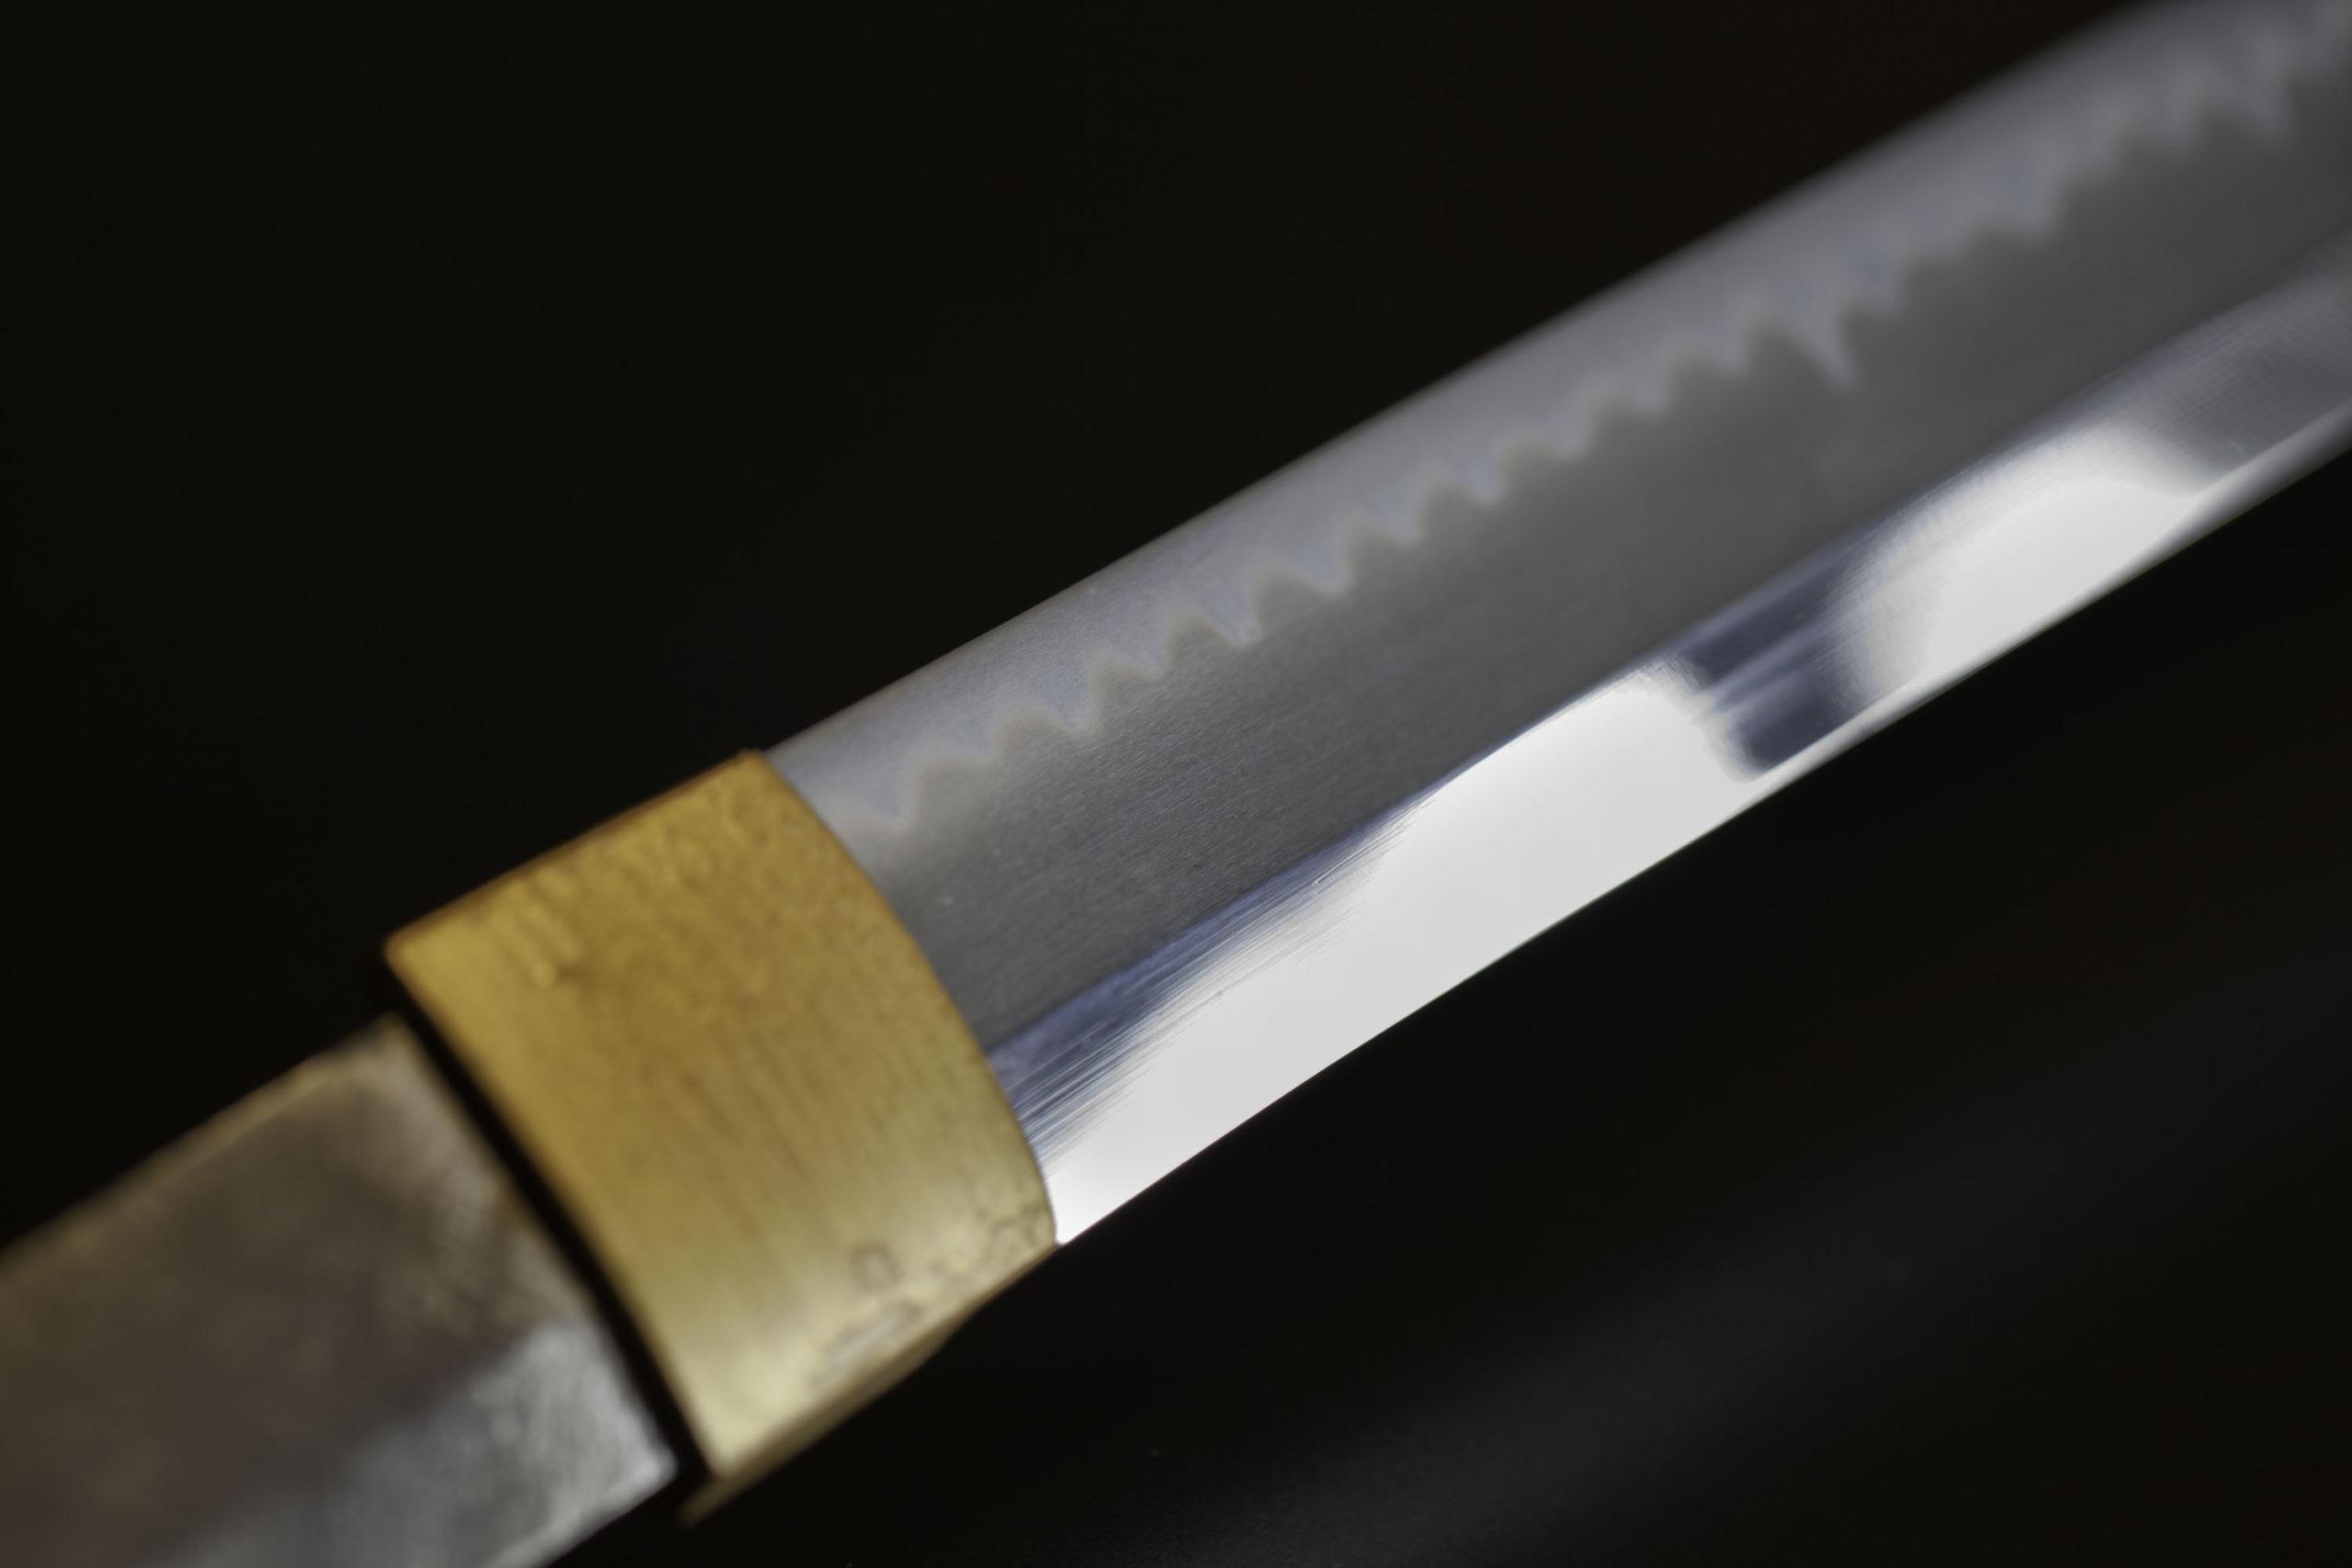 孫六兼元の刀販売オークション